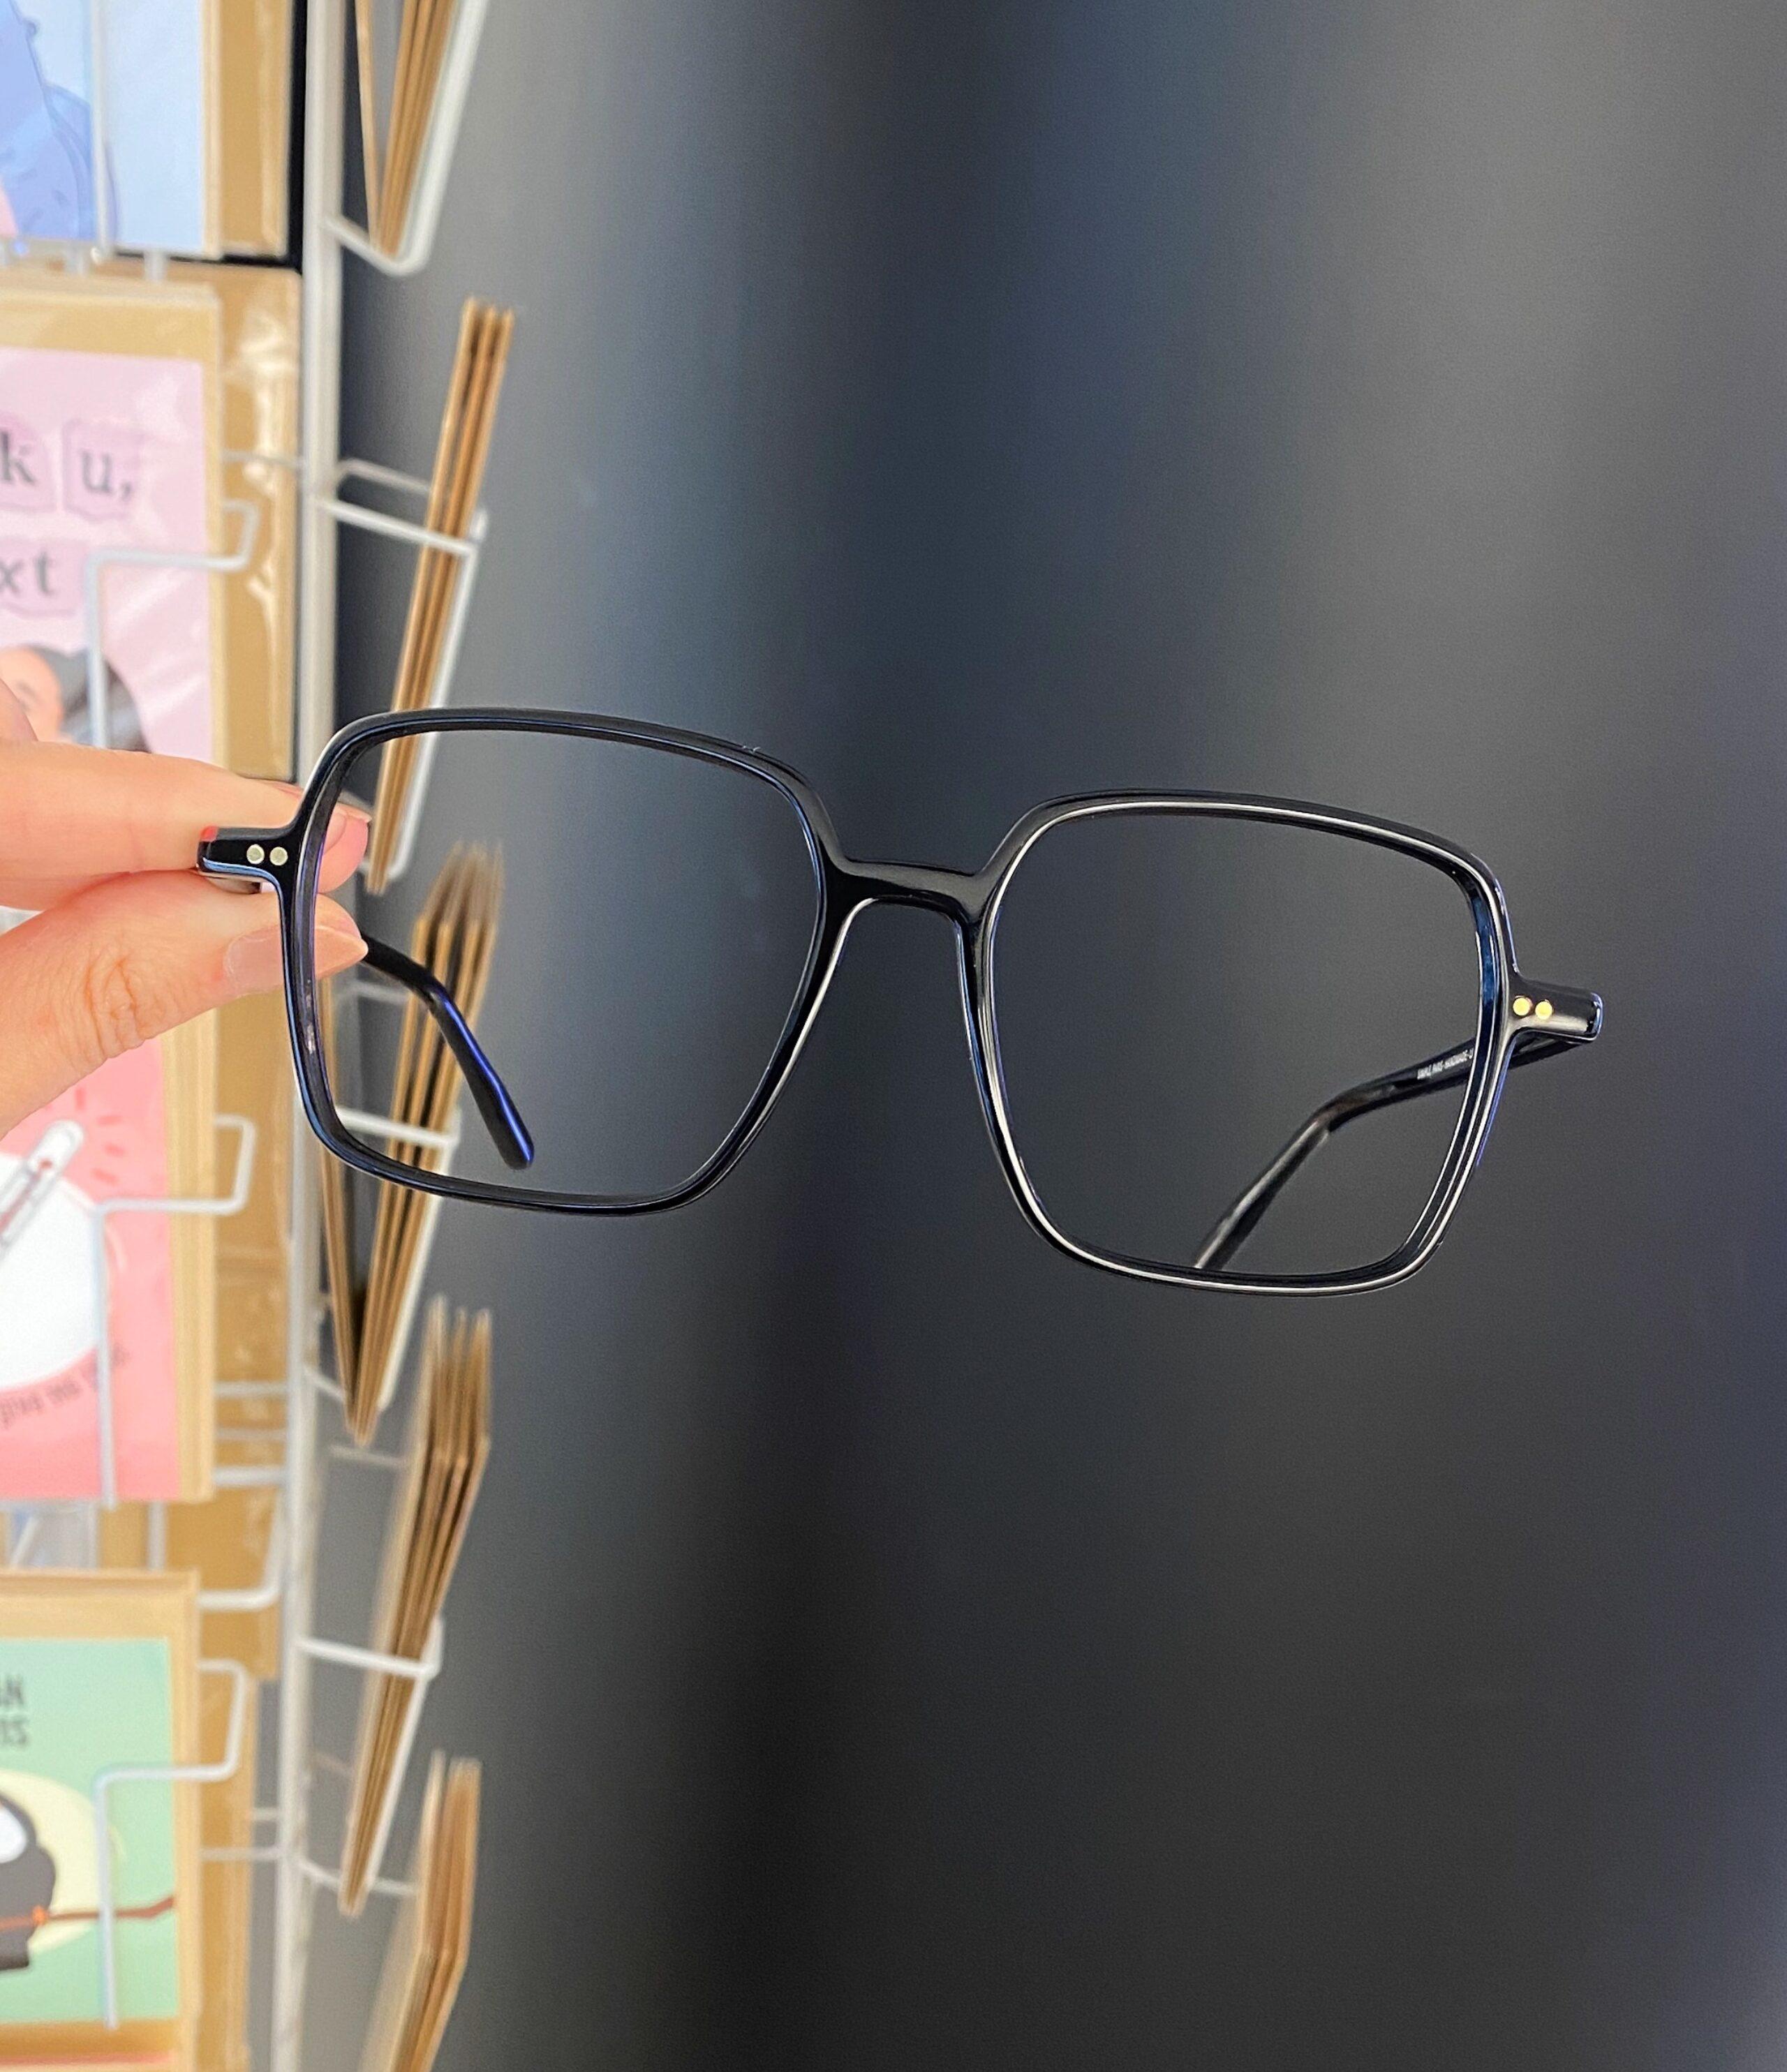 Tweede bril = 50% korting op je brillenglazen • Frames and Faces Deinze